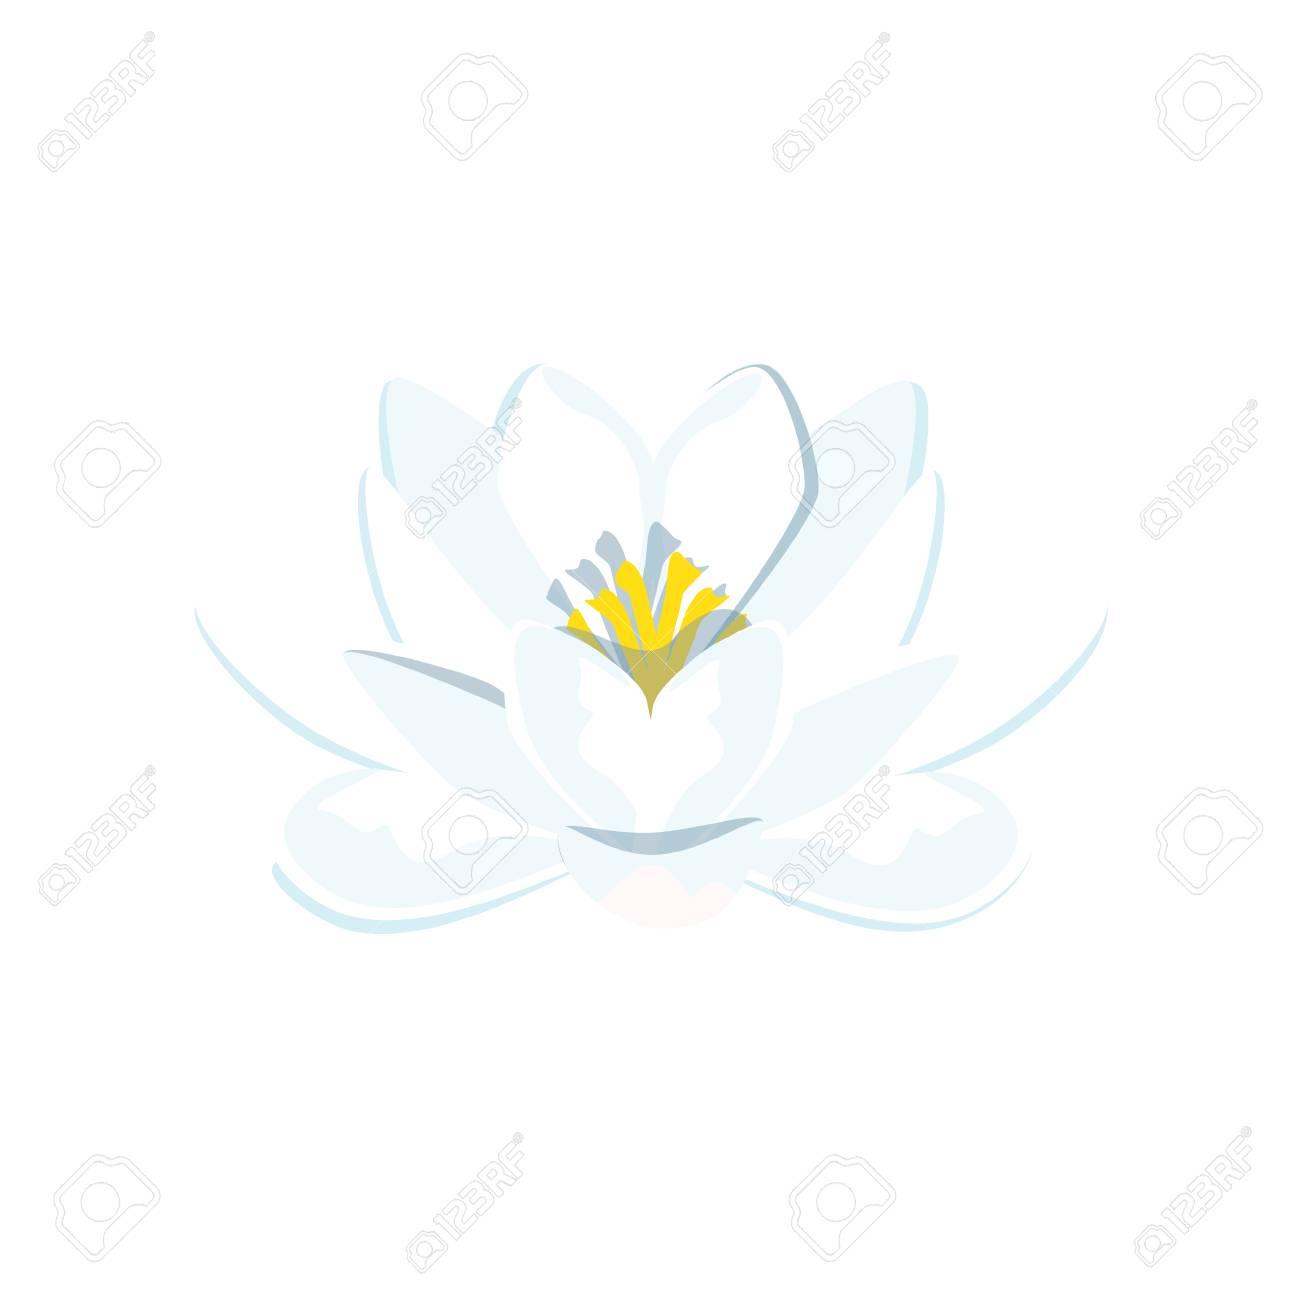 ベクトル イラスト美しい青い睡蓮や蓮の花は白い背景の上分離の